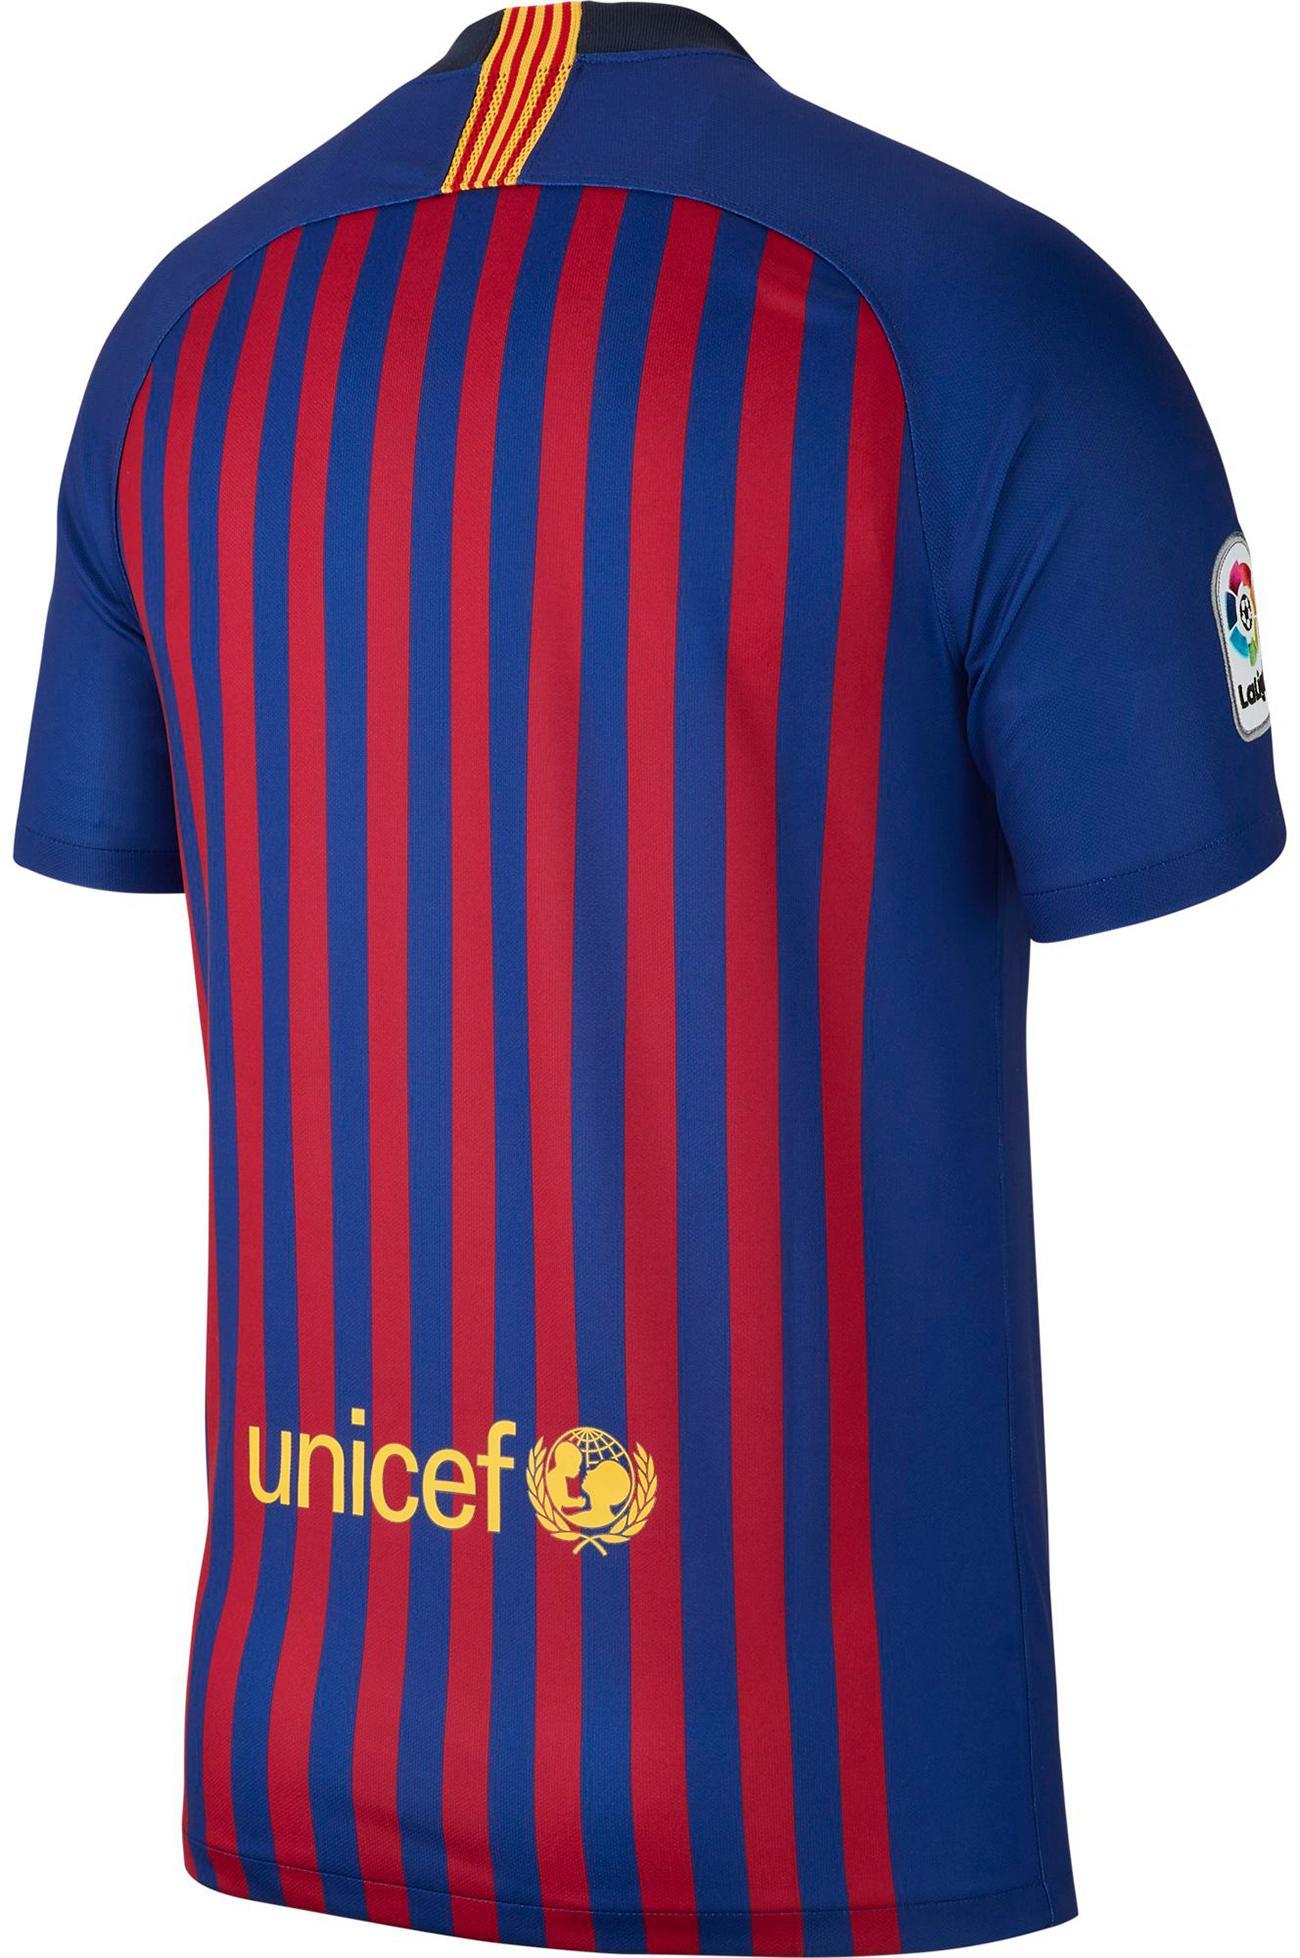 daf1474bc5eb2a Nike FC Barcelona 18 19 Heim Fußballtrikot Herren deep royal  blue-university gold im Online Shop von SportScheck kaufen